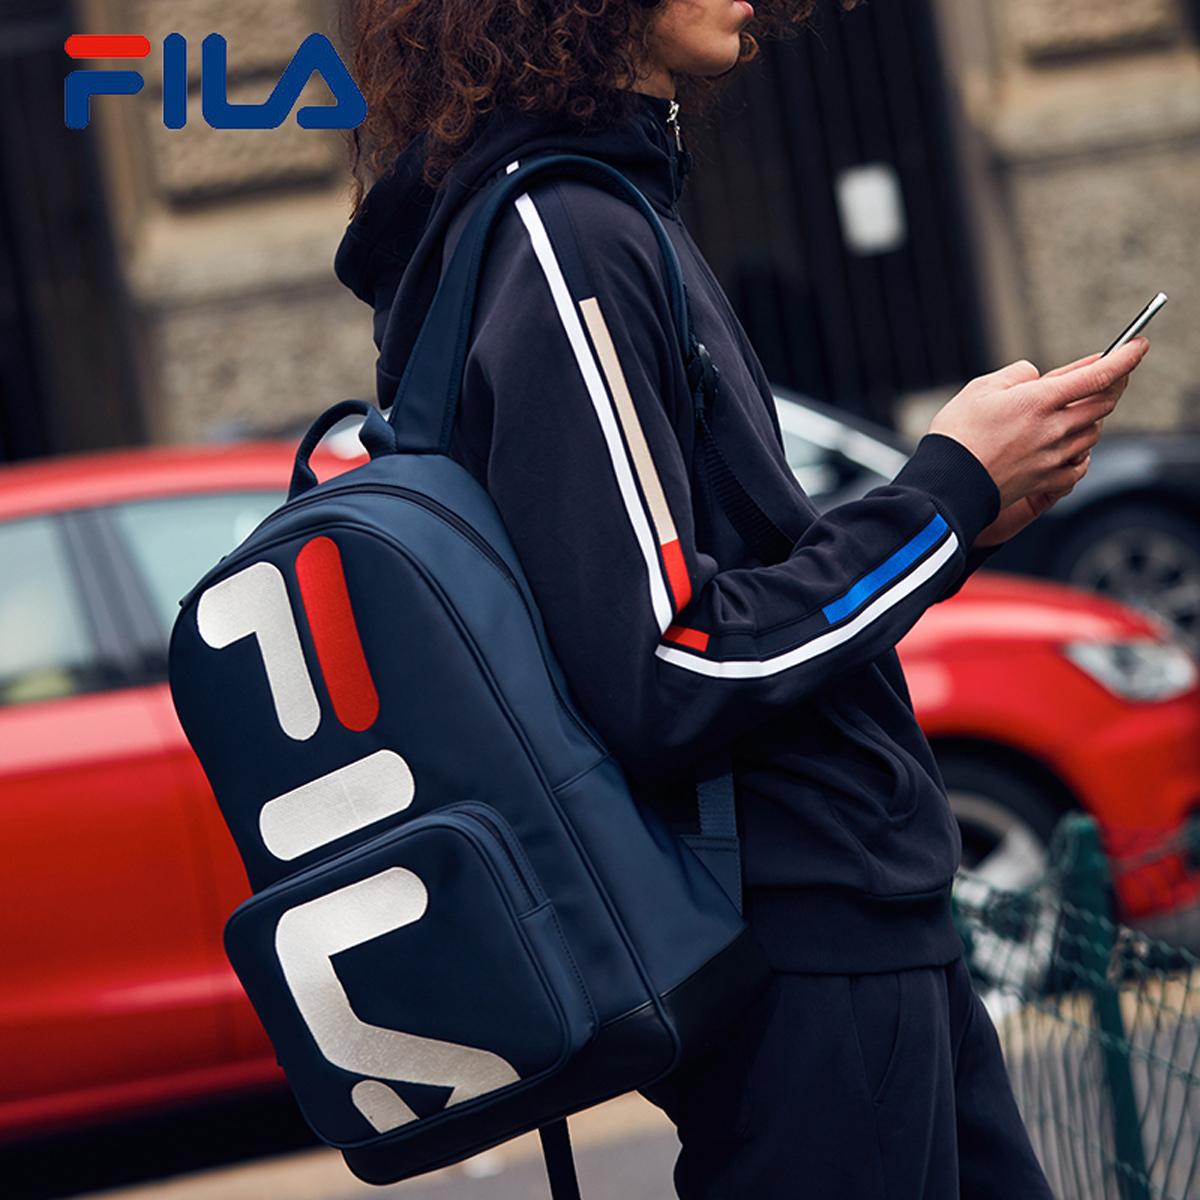 FILA фиджи музыка мужчина пакет рюкзак 2018 новая весна статья FILA LOGO движение рюкзак